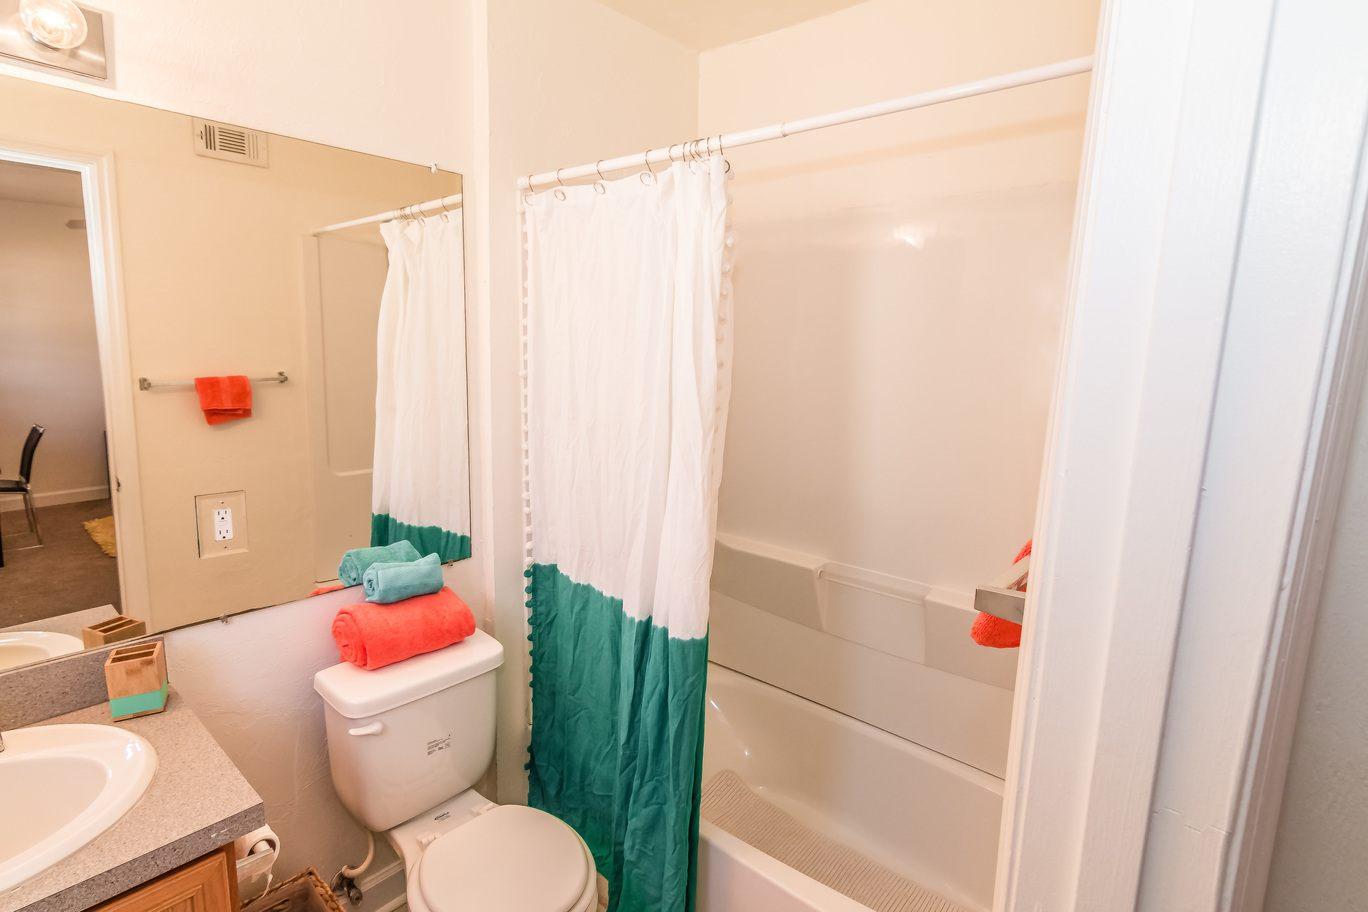 Seminole-Trails-Tallahassee-Bathroom-Unilodgers